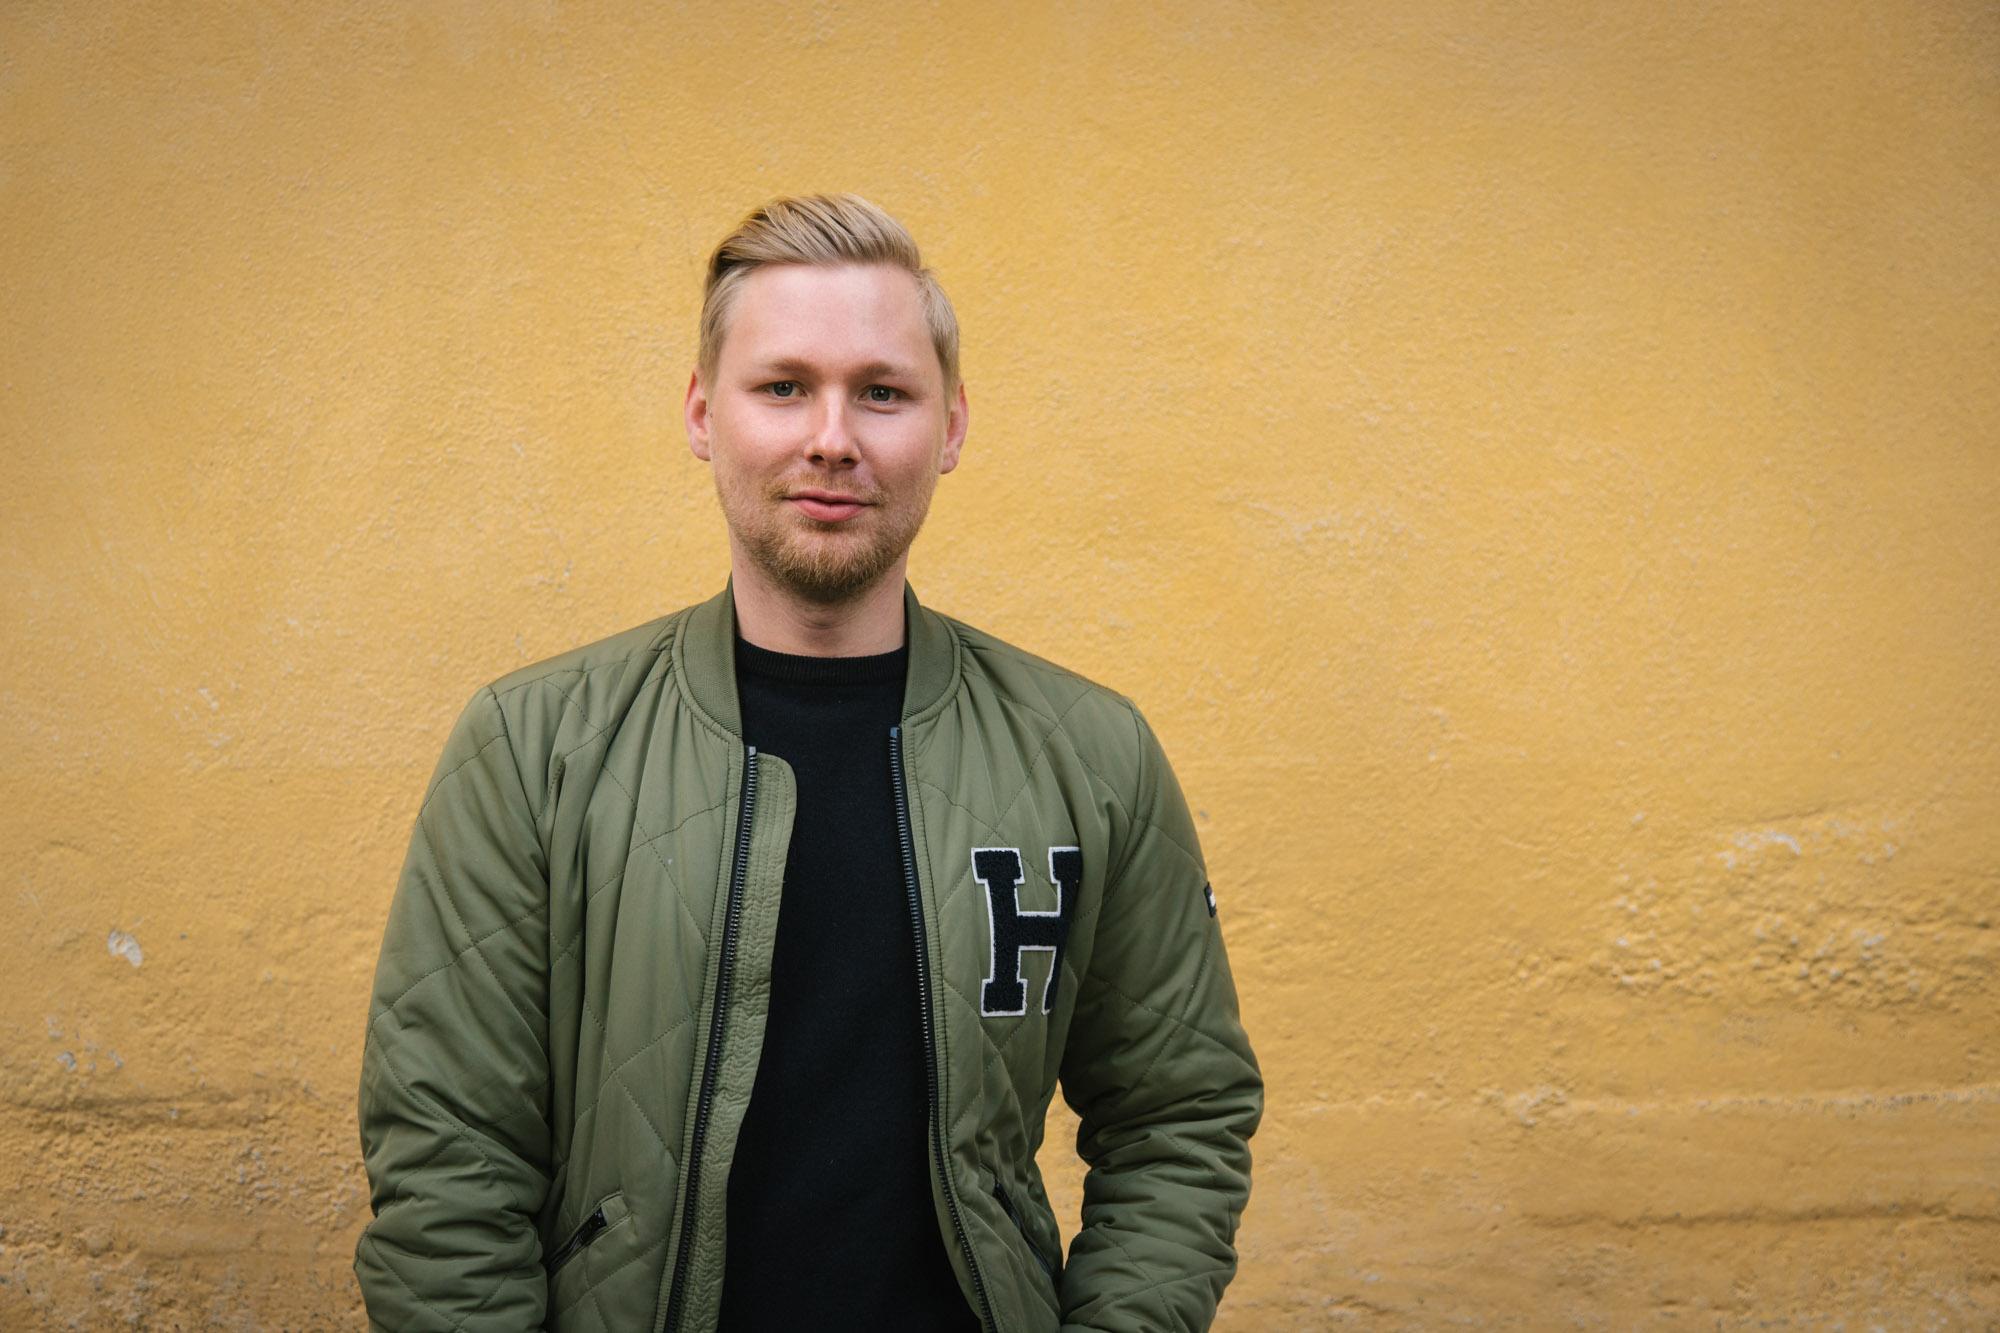 Robin Hänninen